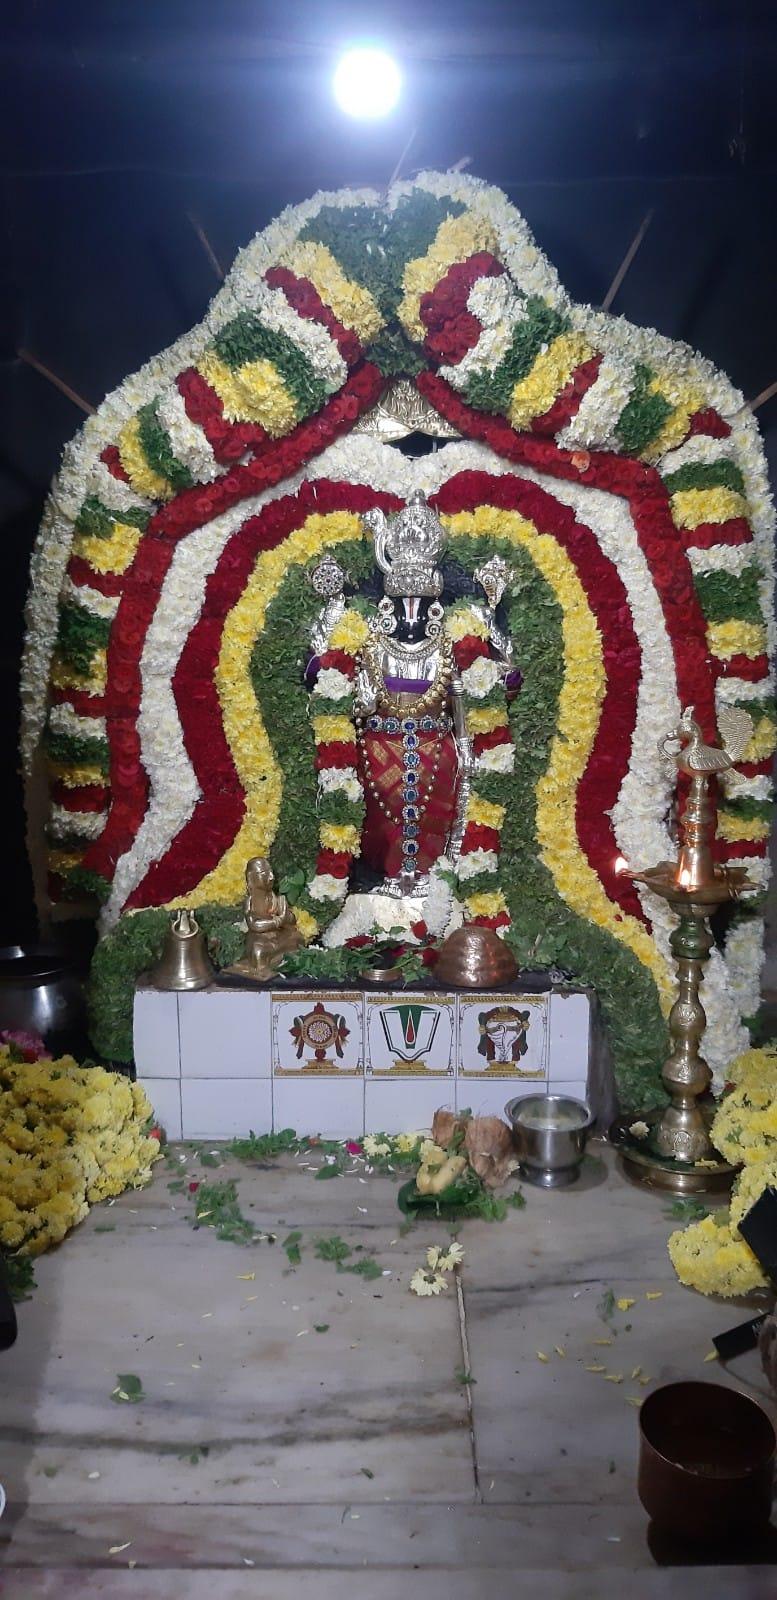 ಐತಿಹಾಸಿಕ ಪ್ರಸಿದ್ಧ ಪುಣ್ಯಕ್ಷೇತ್ರವೊಂದಾದ ಬೇವೂರು ಶ್ರೀ ವೆಂಕಟರಮಣ (ತಿಮ್ಮಪ್ಪ ) ಸ್ವಾಮಿ ಜಾತ್ರಾ ಮಹೋತ್ಸವ